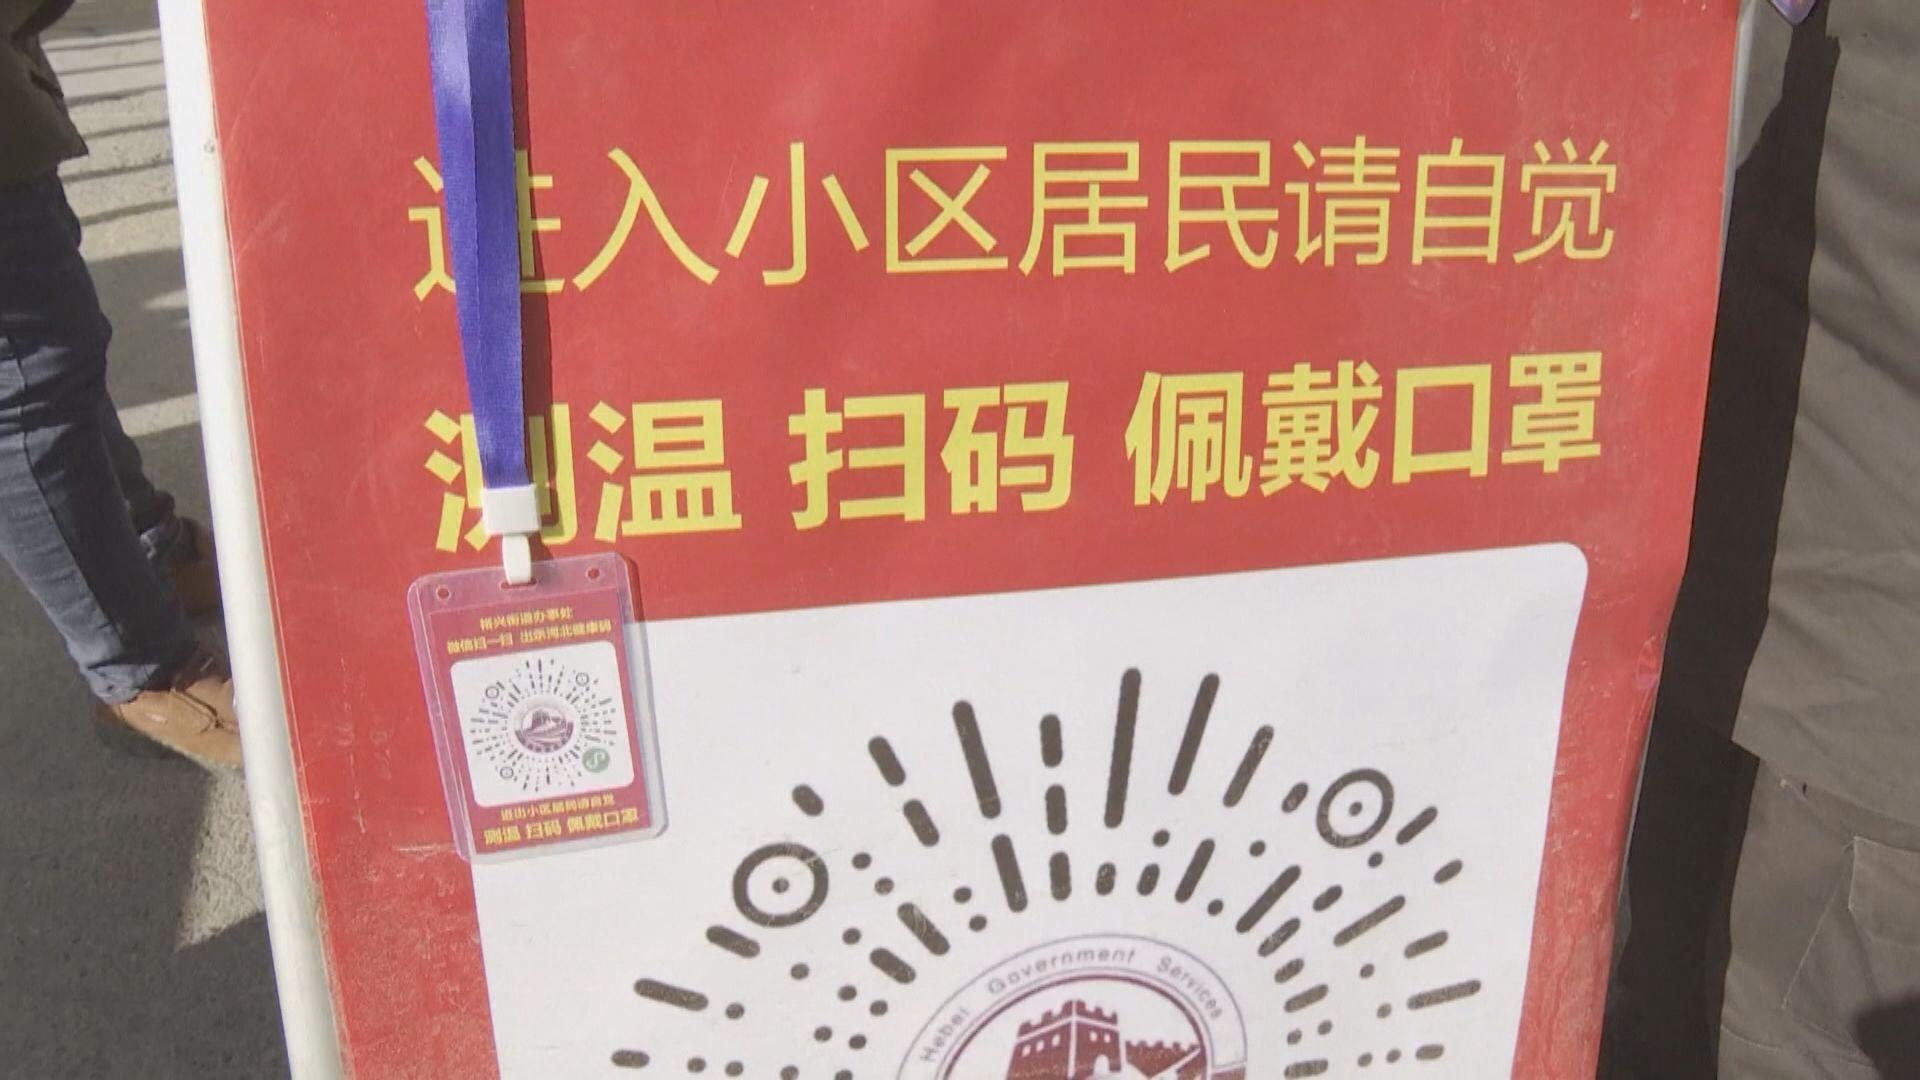 上海有9宗境外輸入個案 當中1宗來自香港